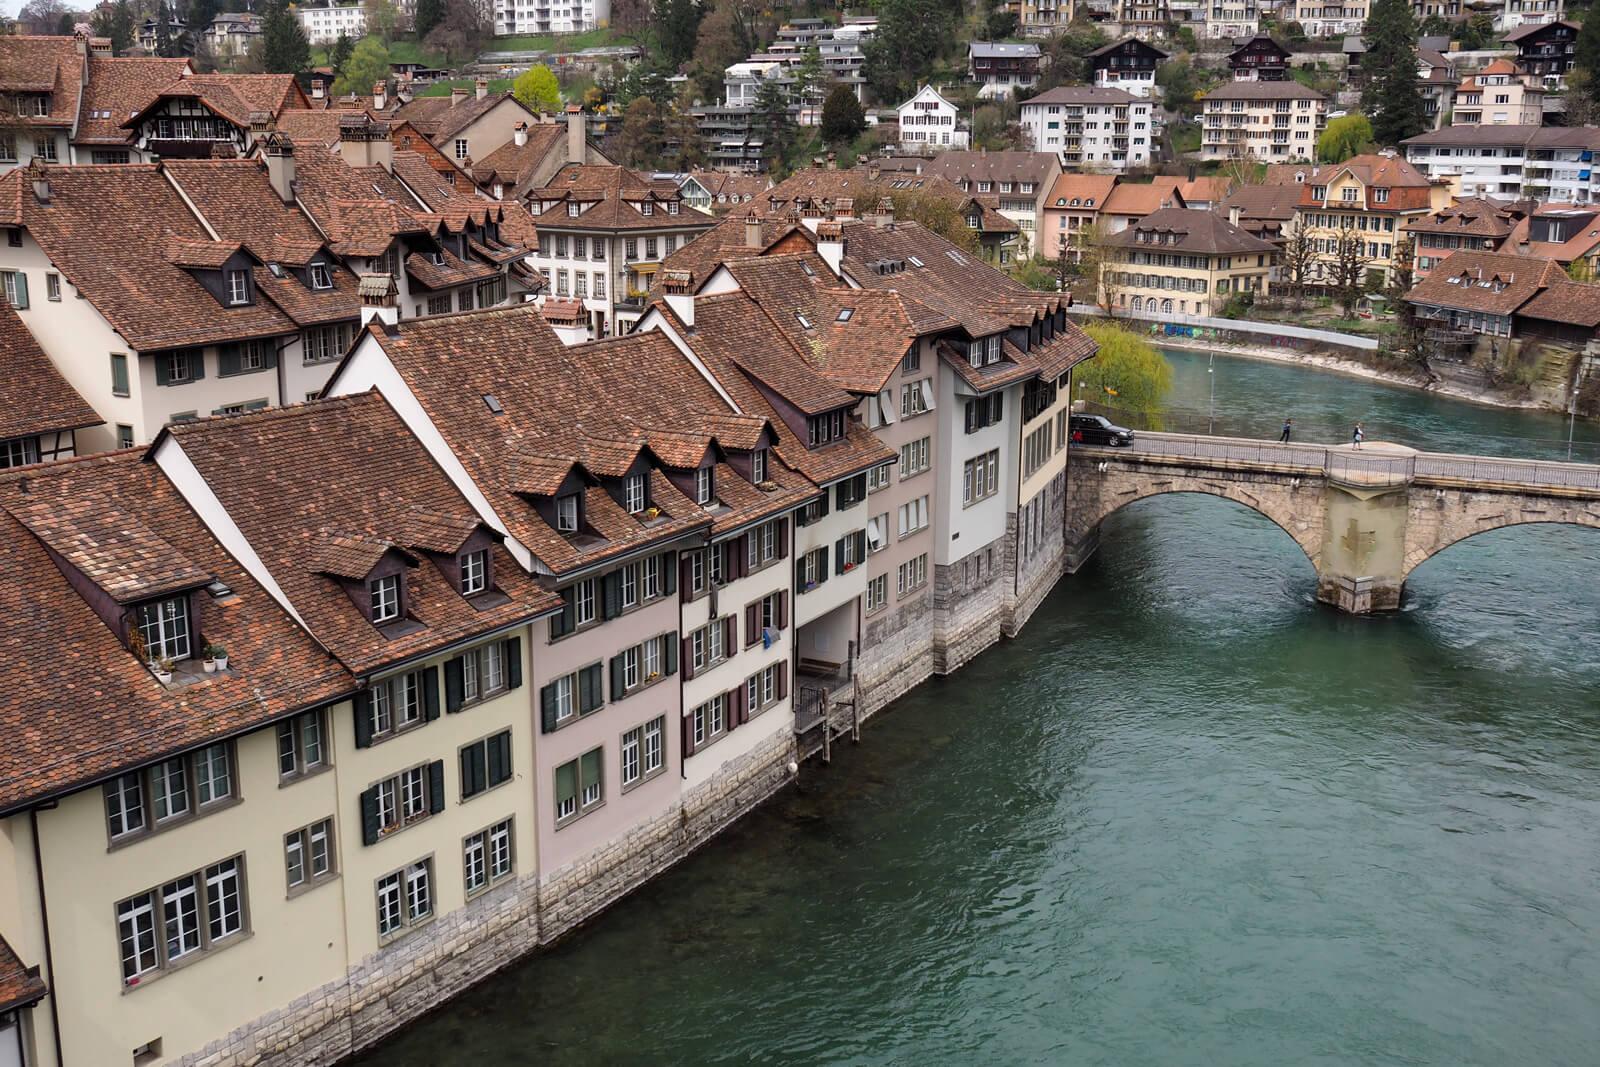 The River Aare in Bern, Switzerland